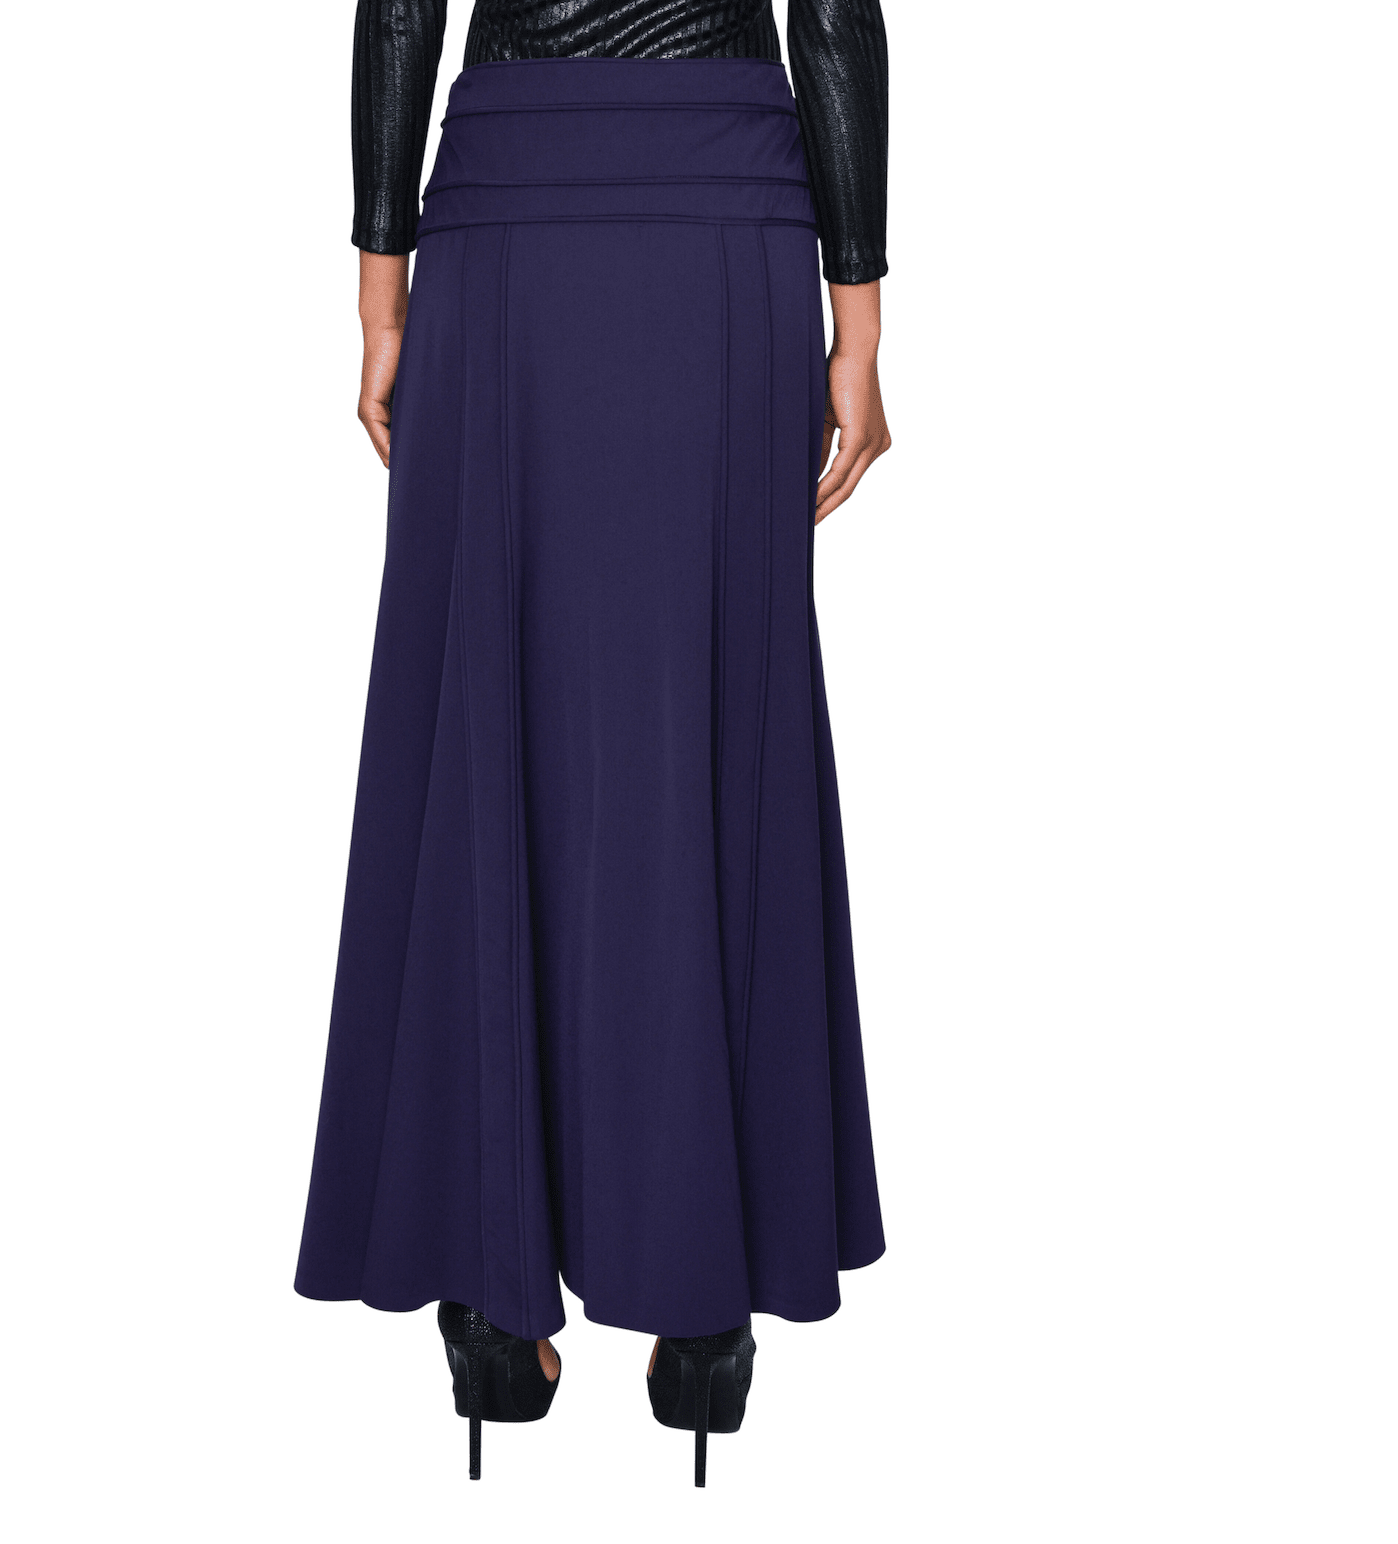 Skirt COLUMBA I 3